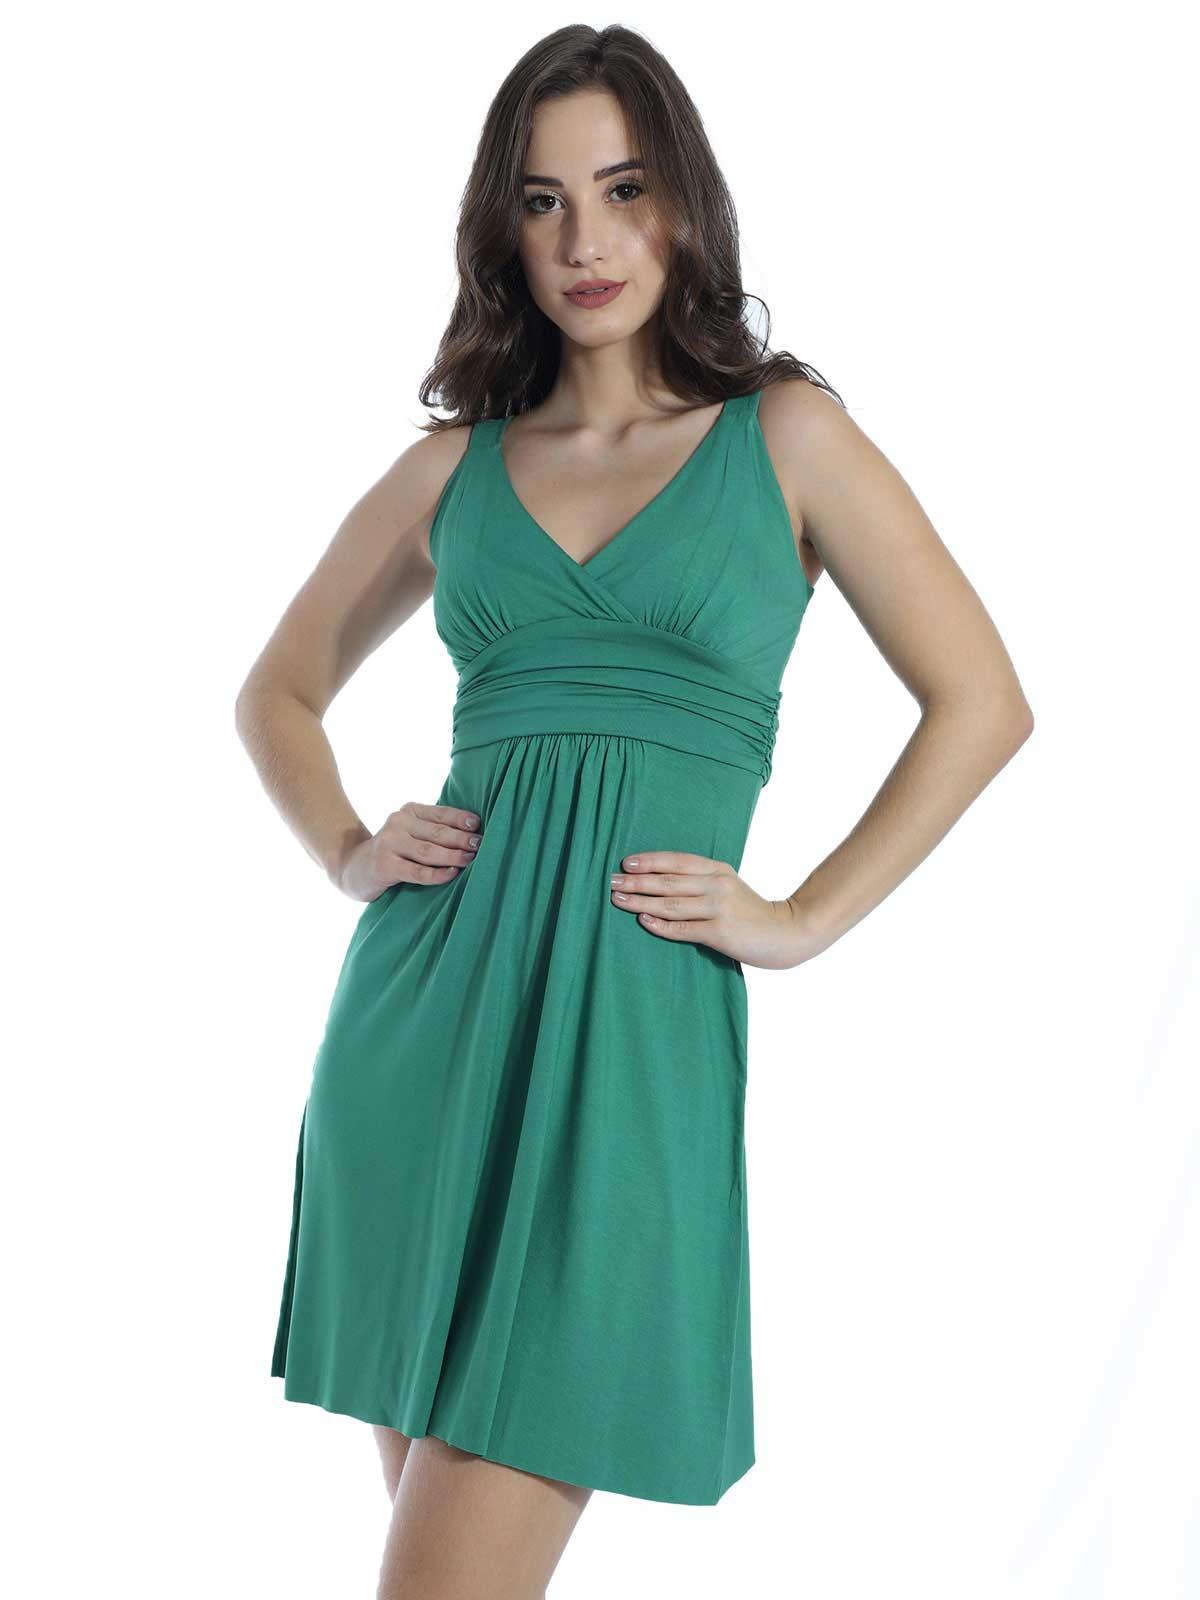 Vestido Curto de Viscolycra Drapeado Anistia Verde